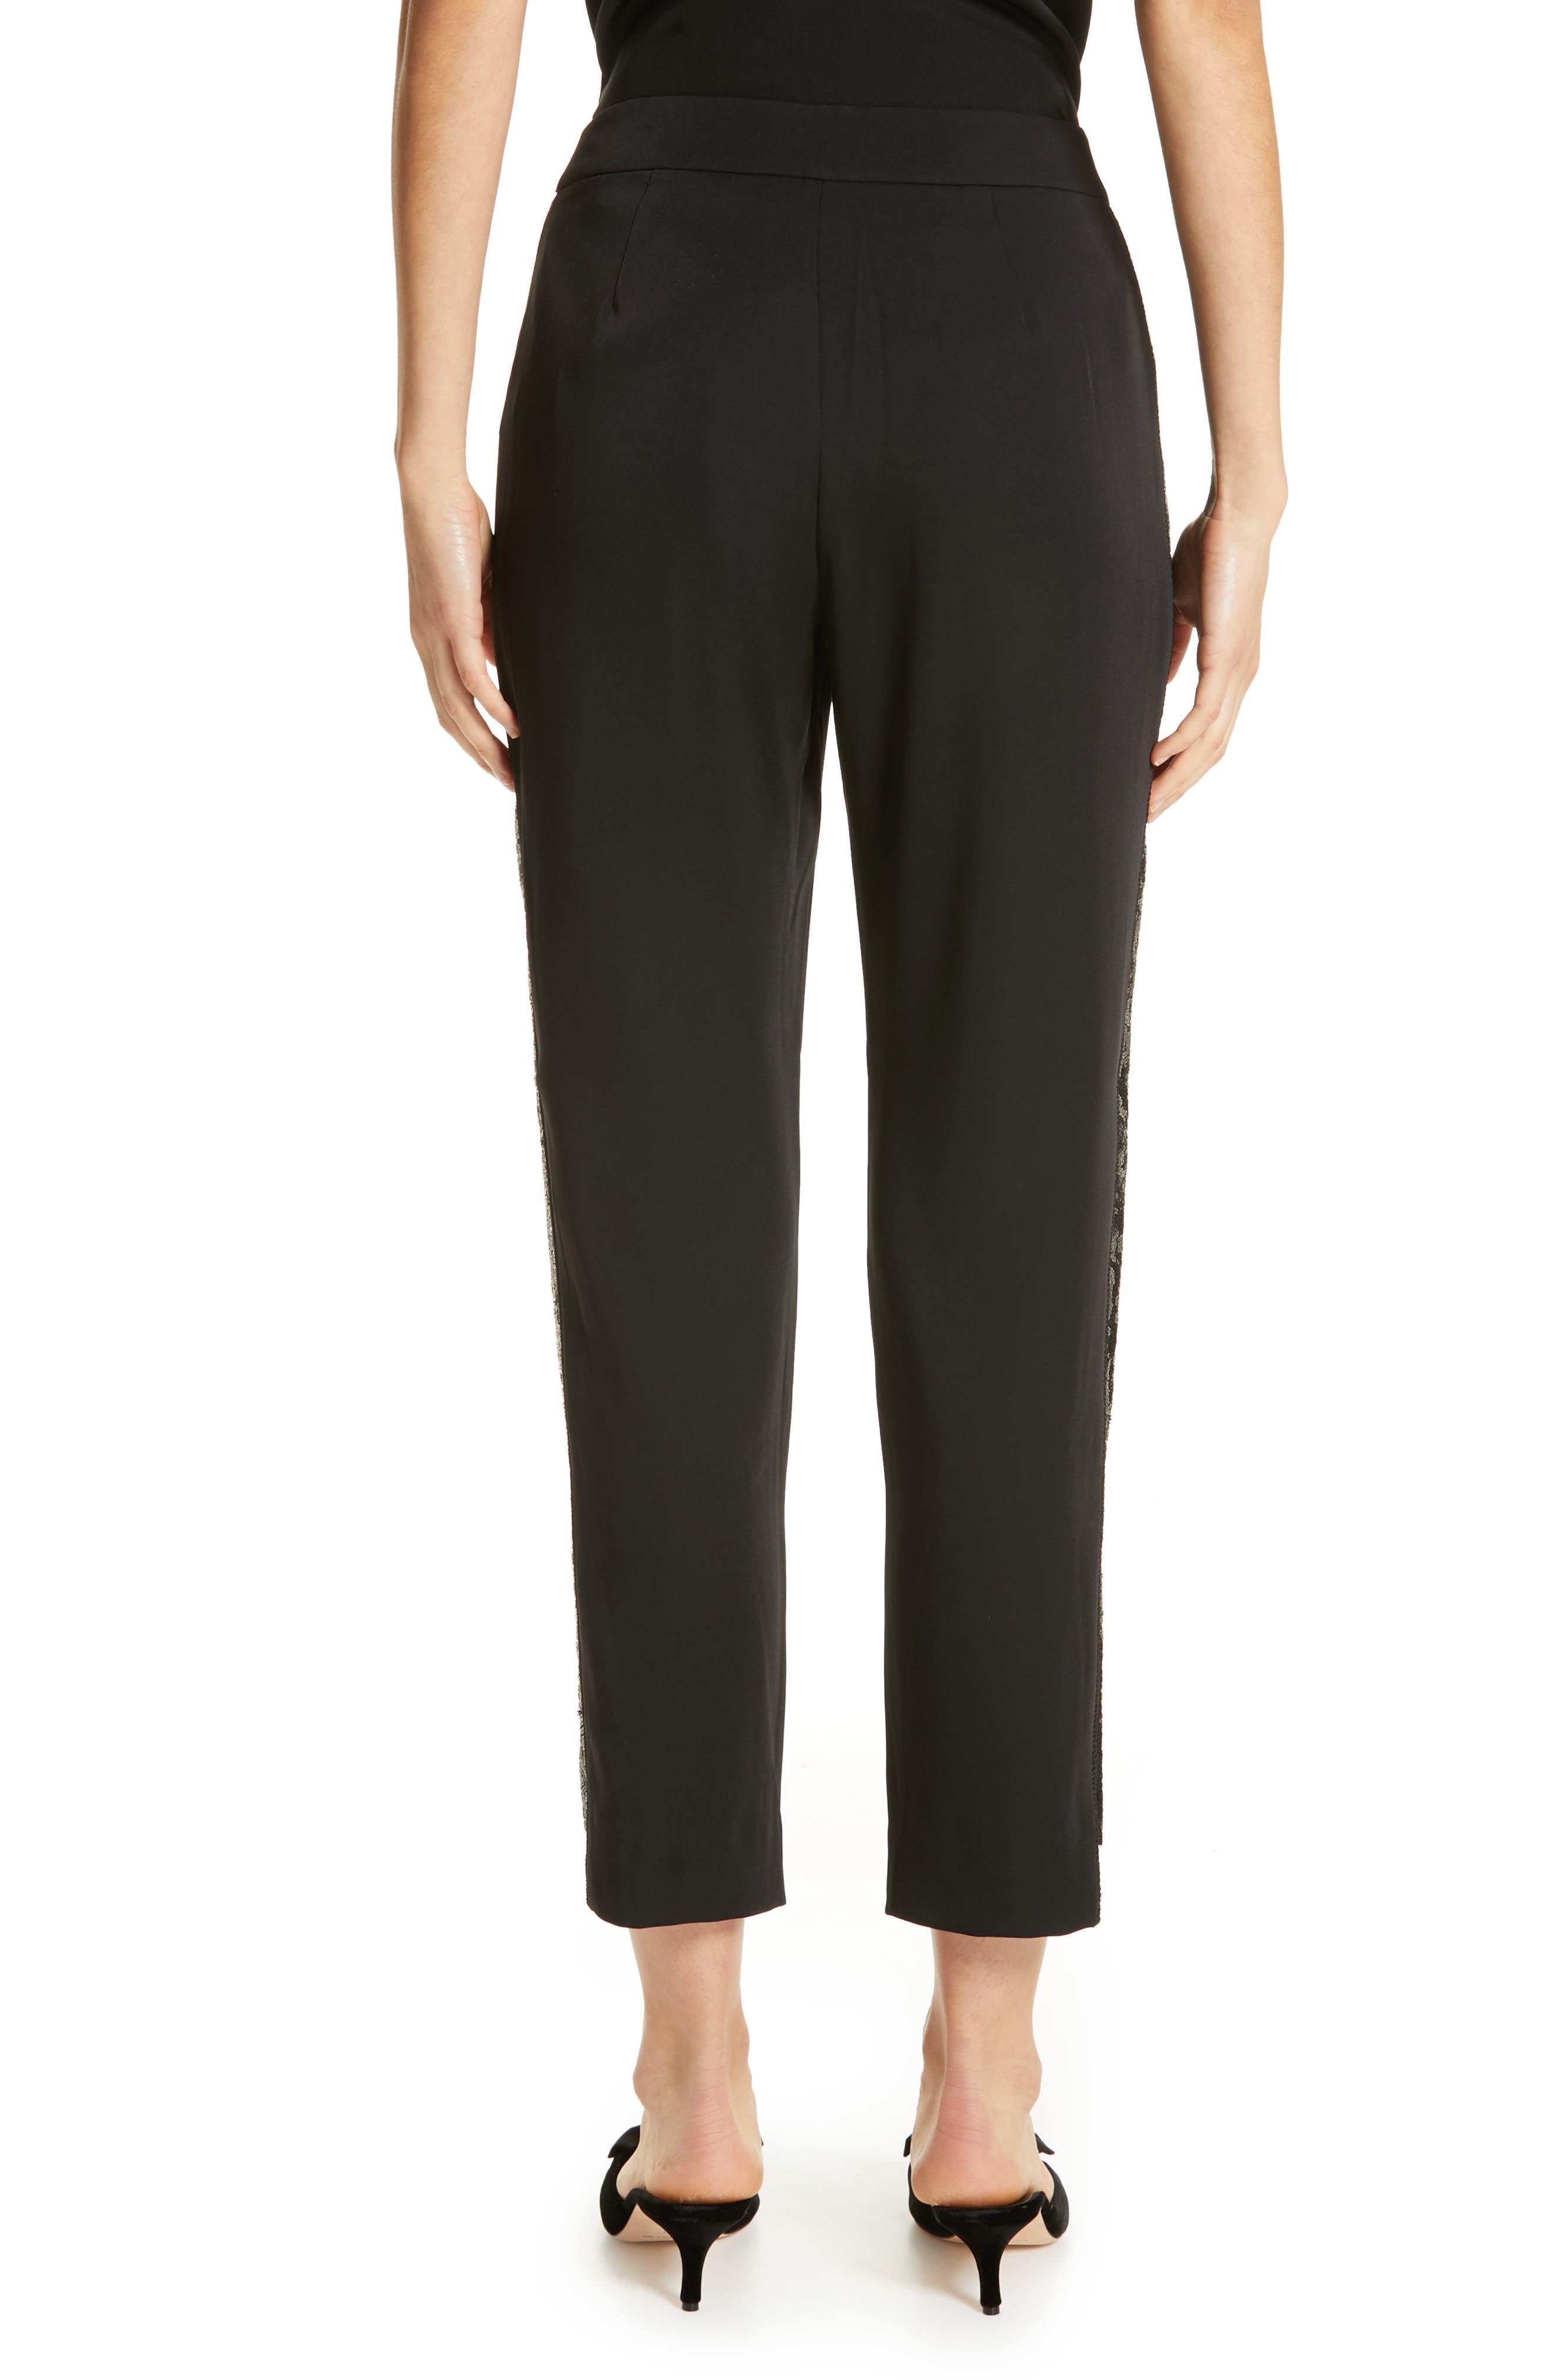 Polliit Sequin Side Panel Pants,                             Alternate thumbnail 2, color,                             BLACK